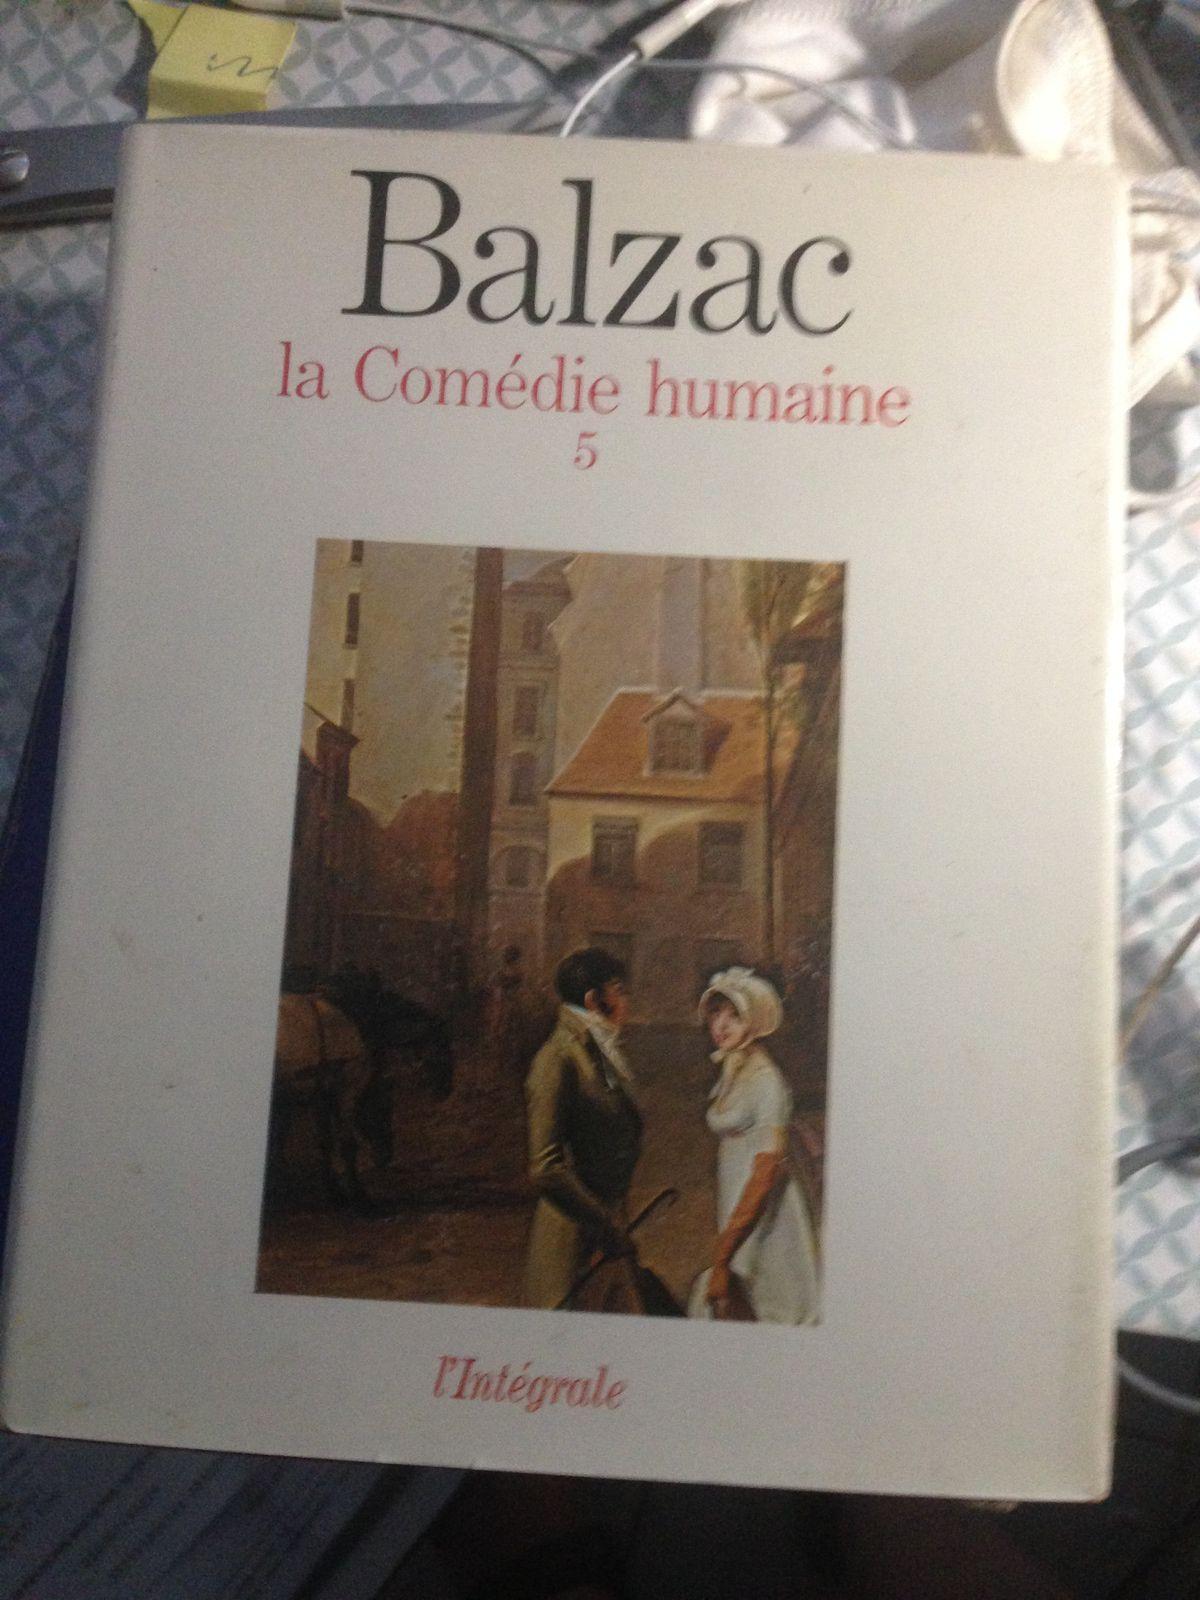 BALZAC EN 7 VOLUMES COMPLET ..LA Comédie Humaine  edition du seuil de 1966 ..comme neuf  prix 120€ les 7 volumes ...port 6€